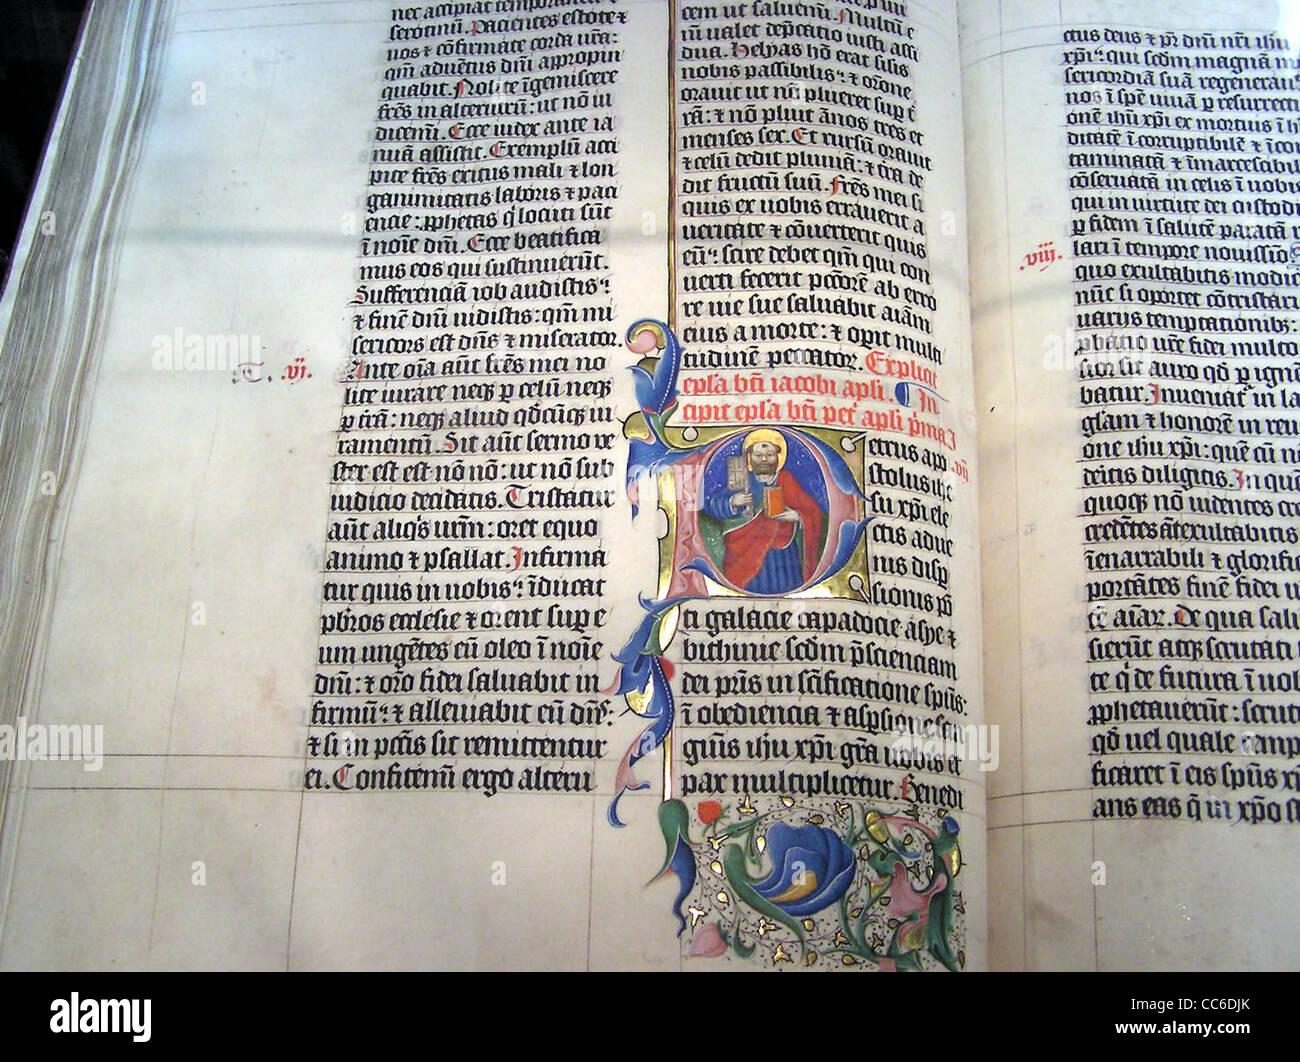 Des inscriptions lumineuses dans une Bible latine de 1407Annonce sur afficher dans l'abbaye de Malmesbury, Photo Stock